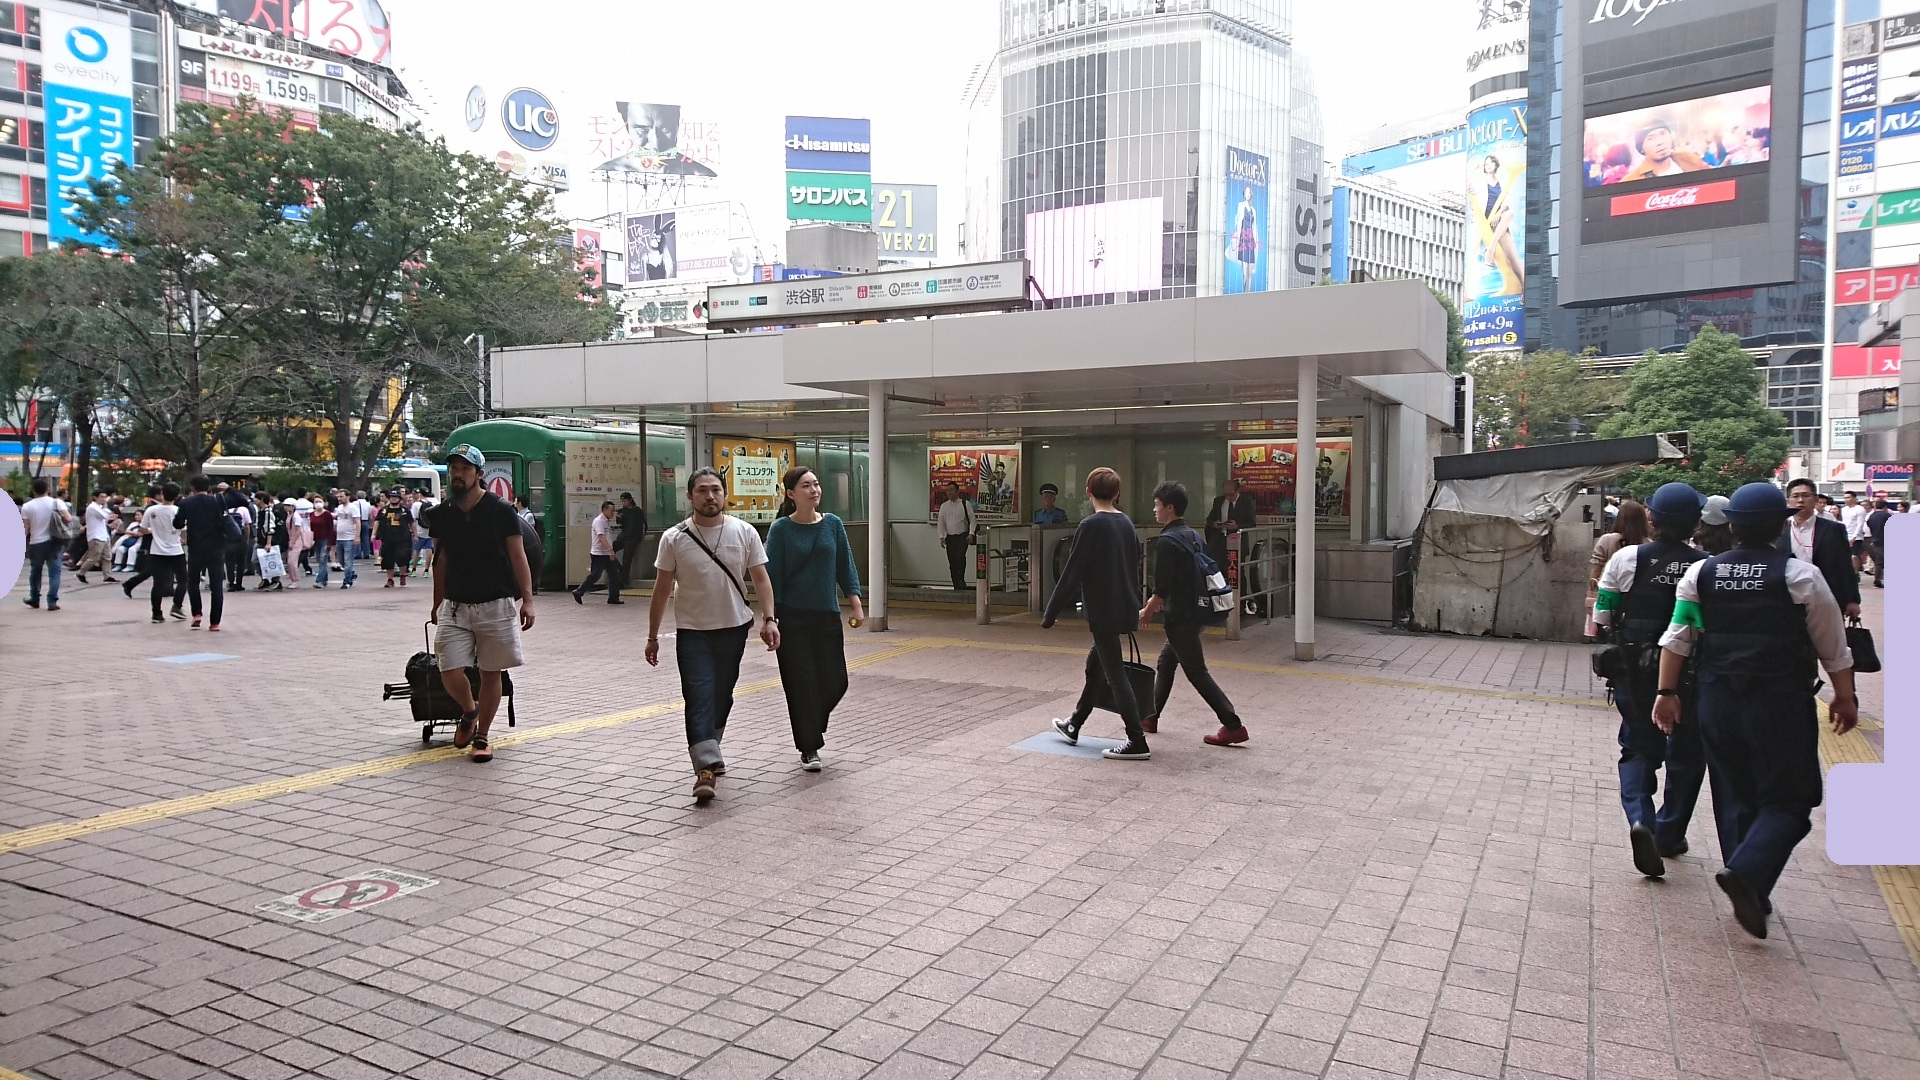 2017.10.12 東京 (99) 渋谷 - 田園都市線いりぐち 1920-1080